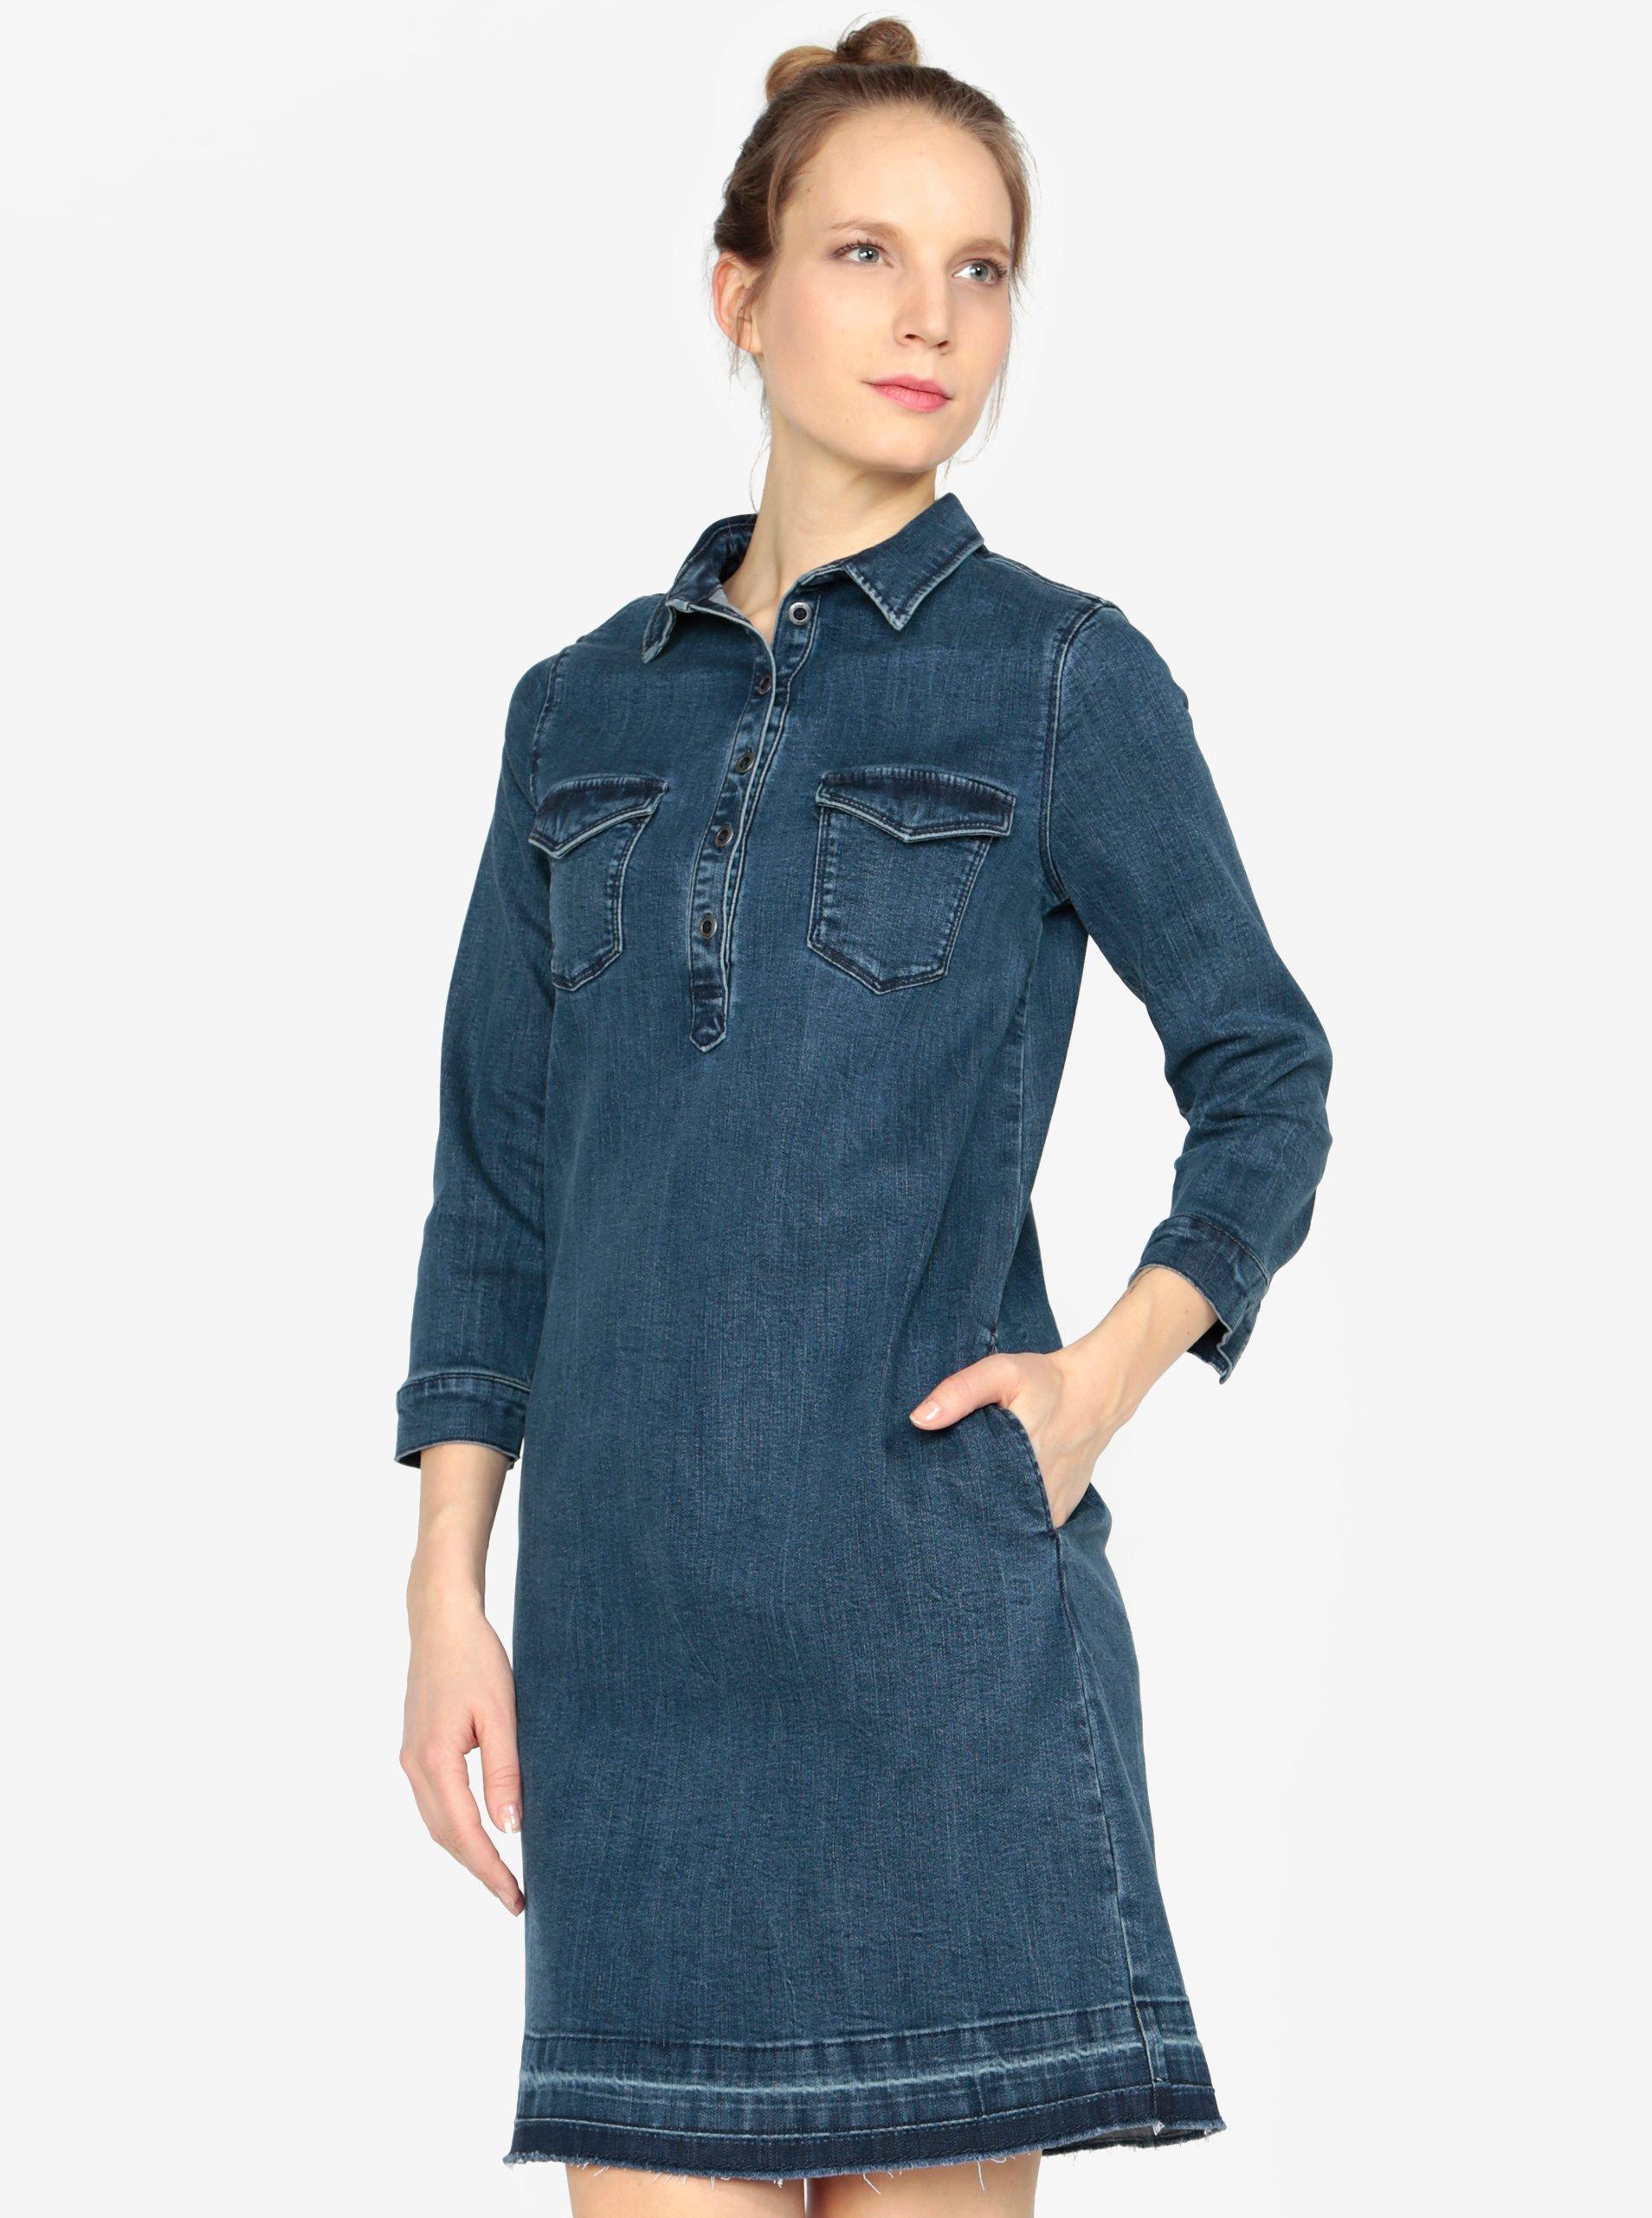 Tmavě modré džínové šaty s 3/4 rukávem s.Oliver